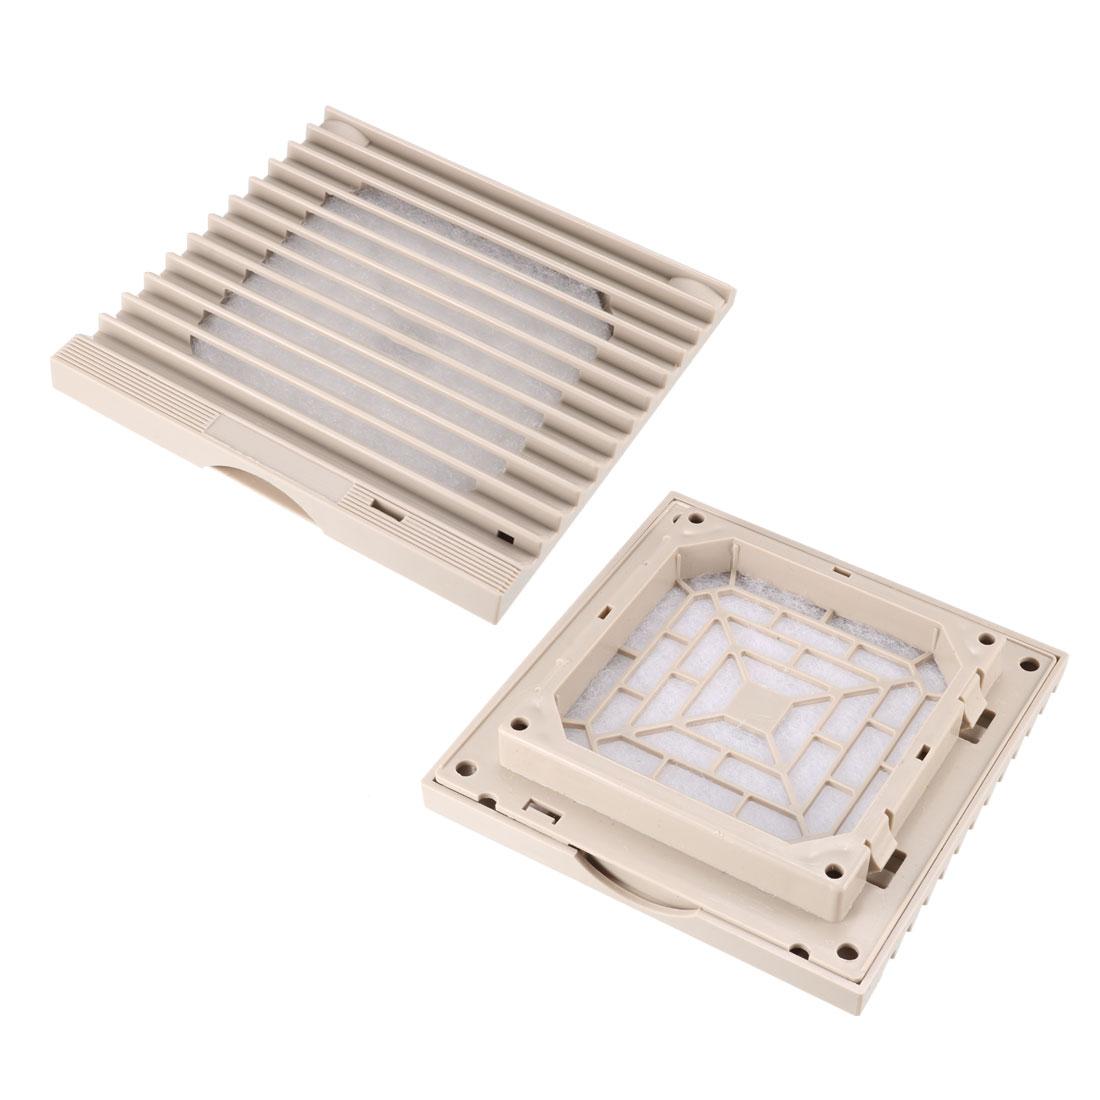 2pcs 116mm x 116mm Gray Plastic Cabinet Washable Axial Flow Fan Foam Dust Filter